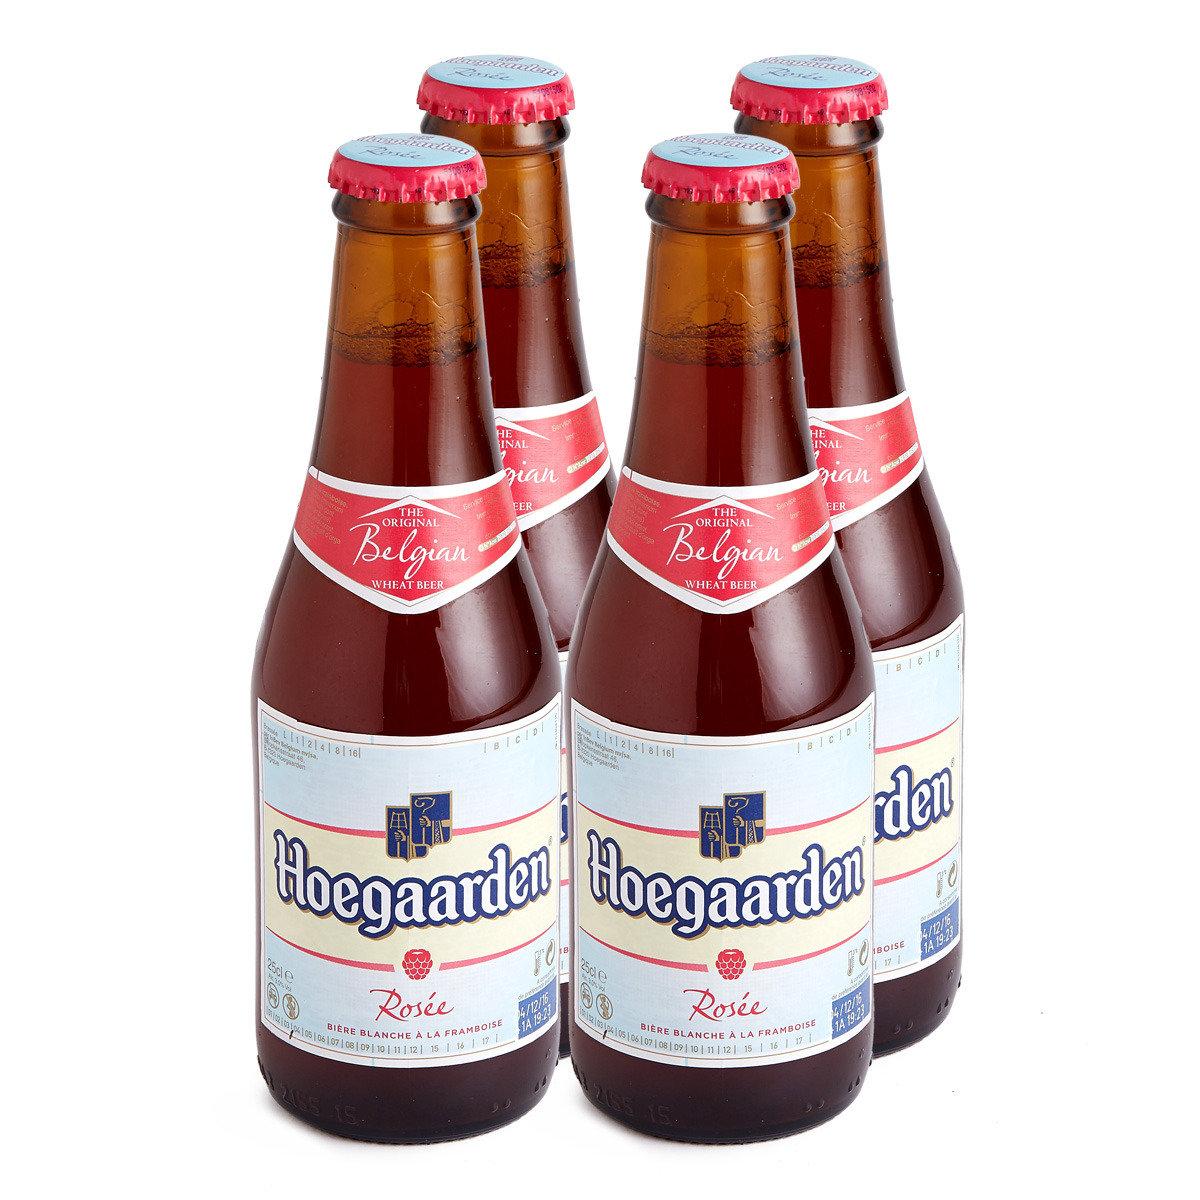 紅桑子白啤